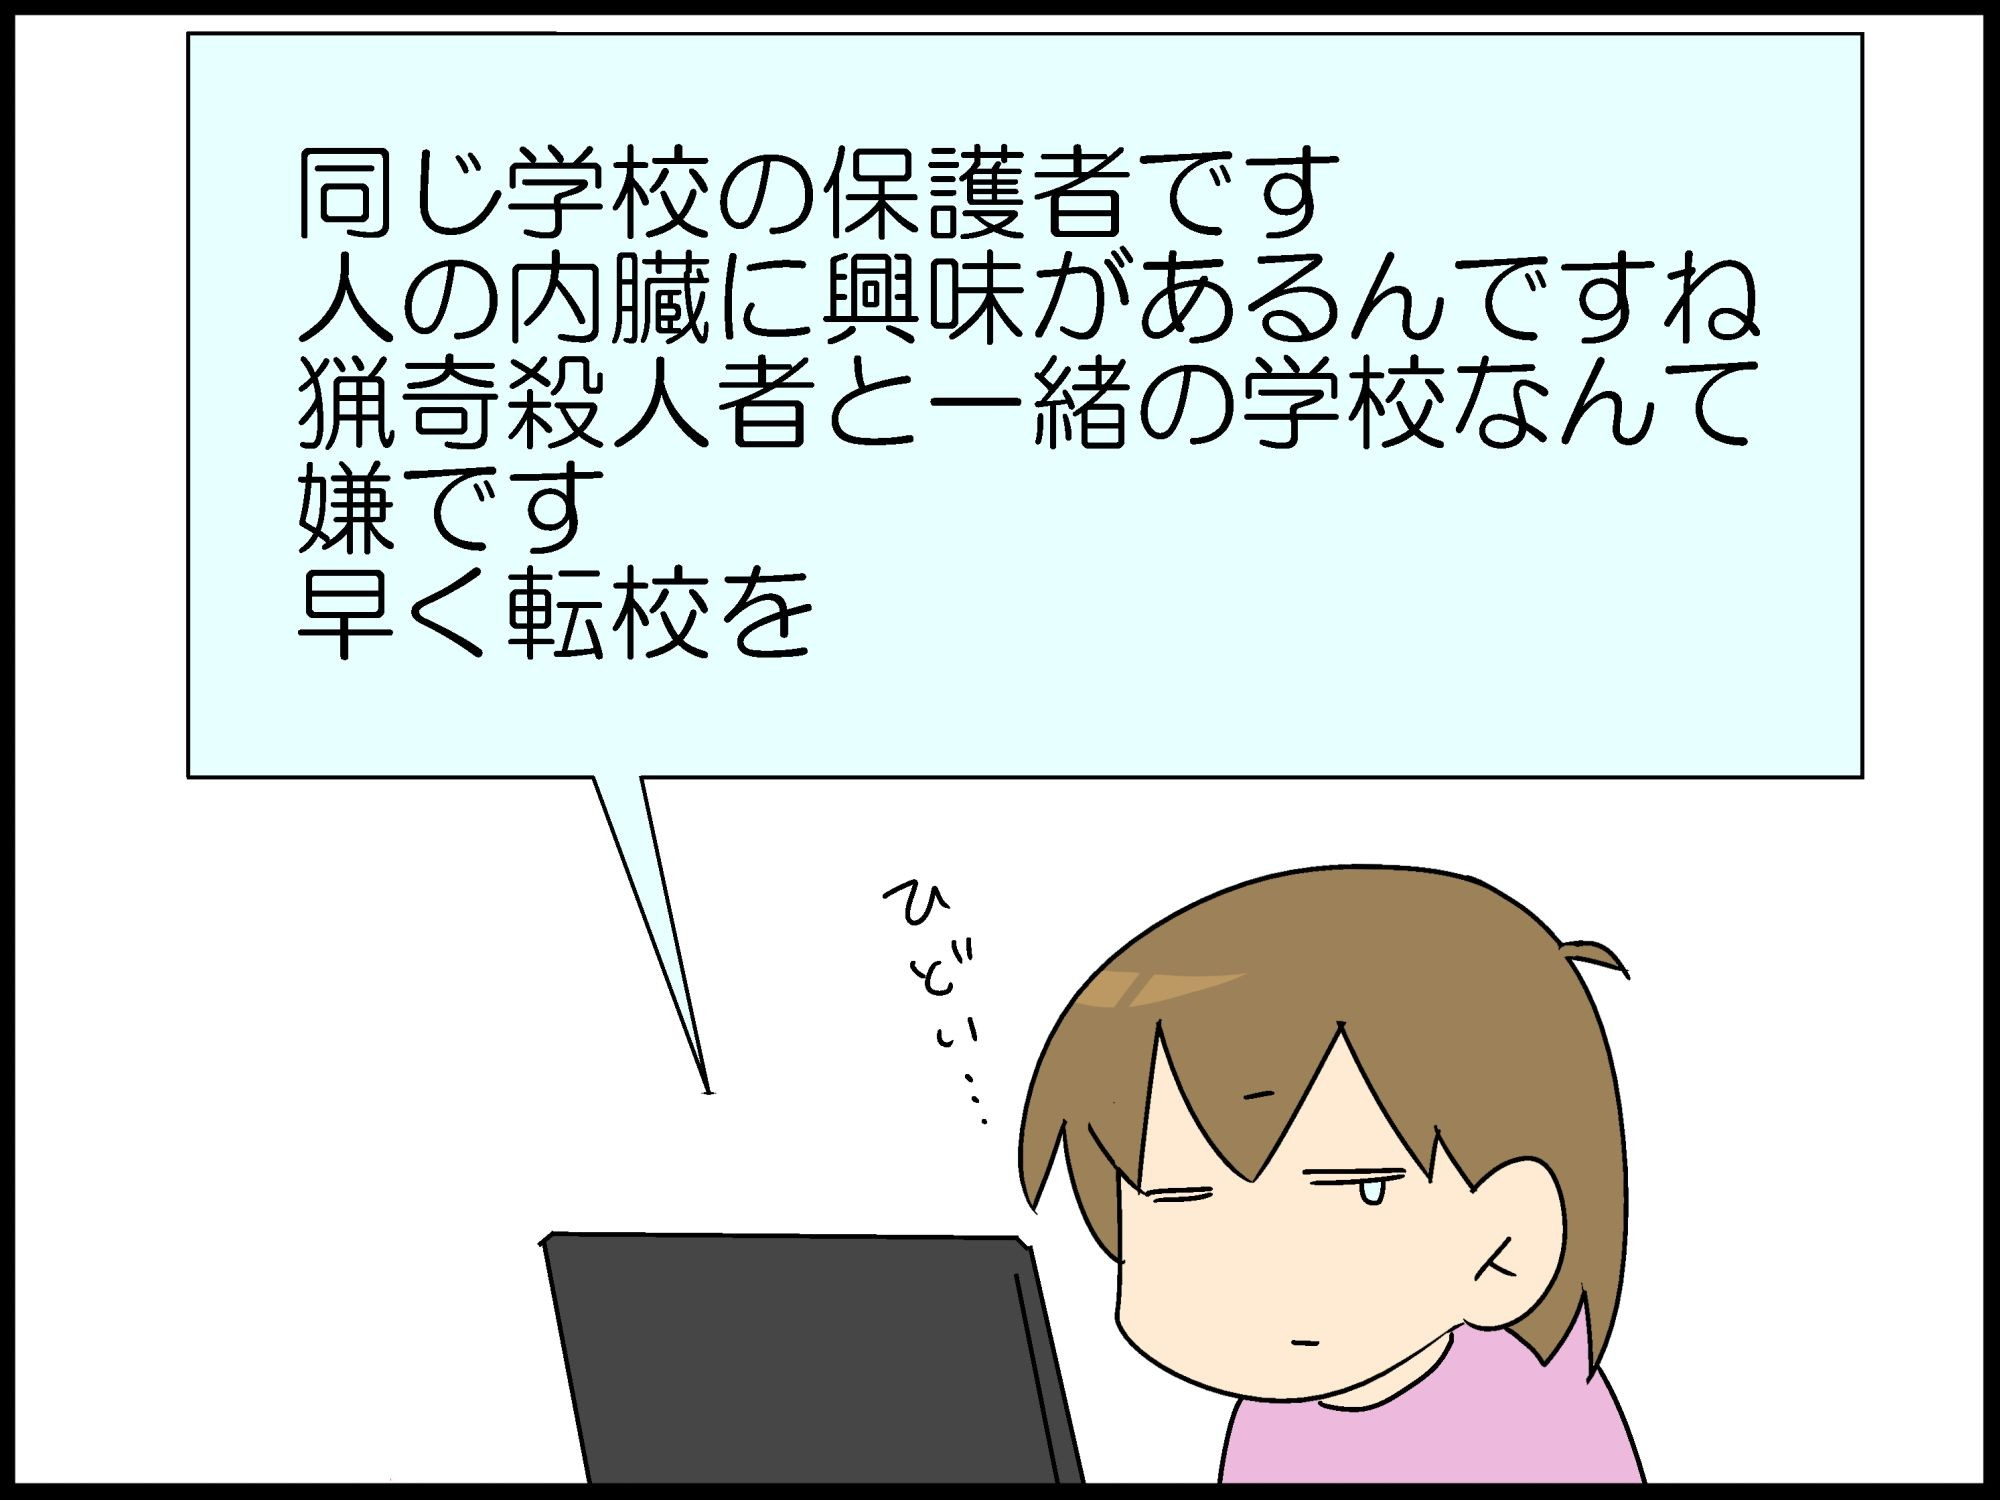 えむ こ ヲチ 98